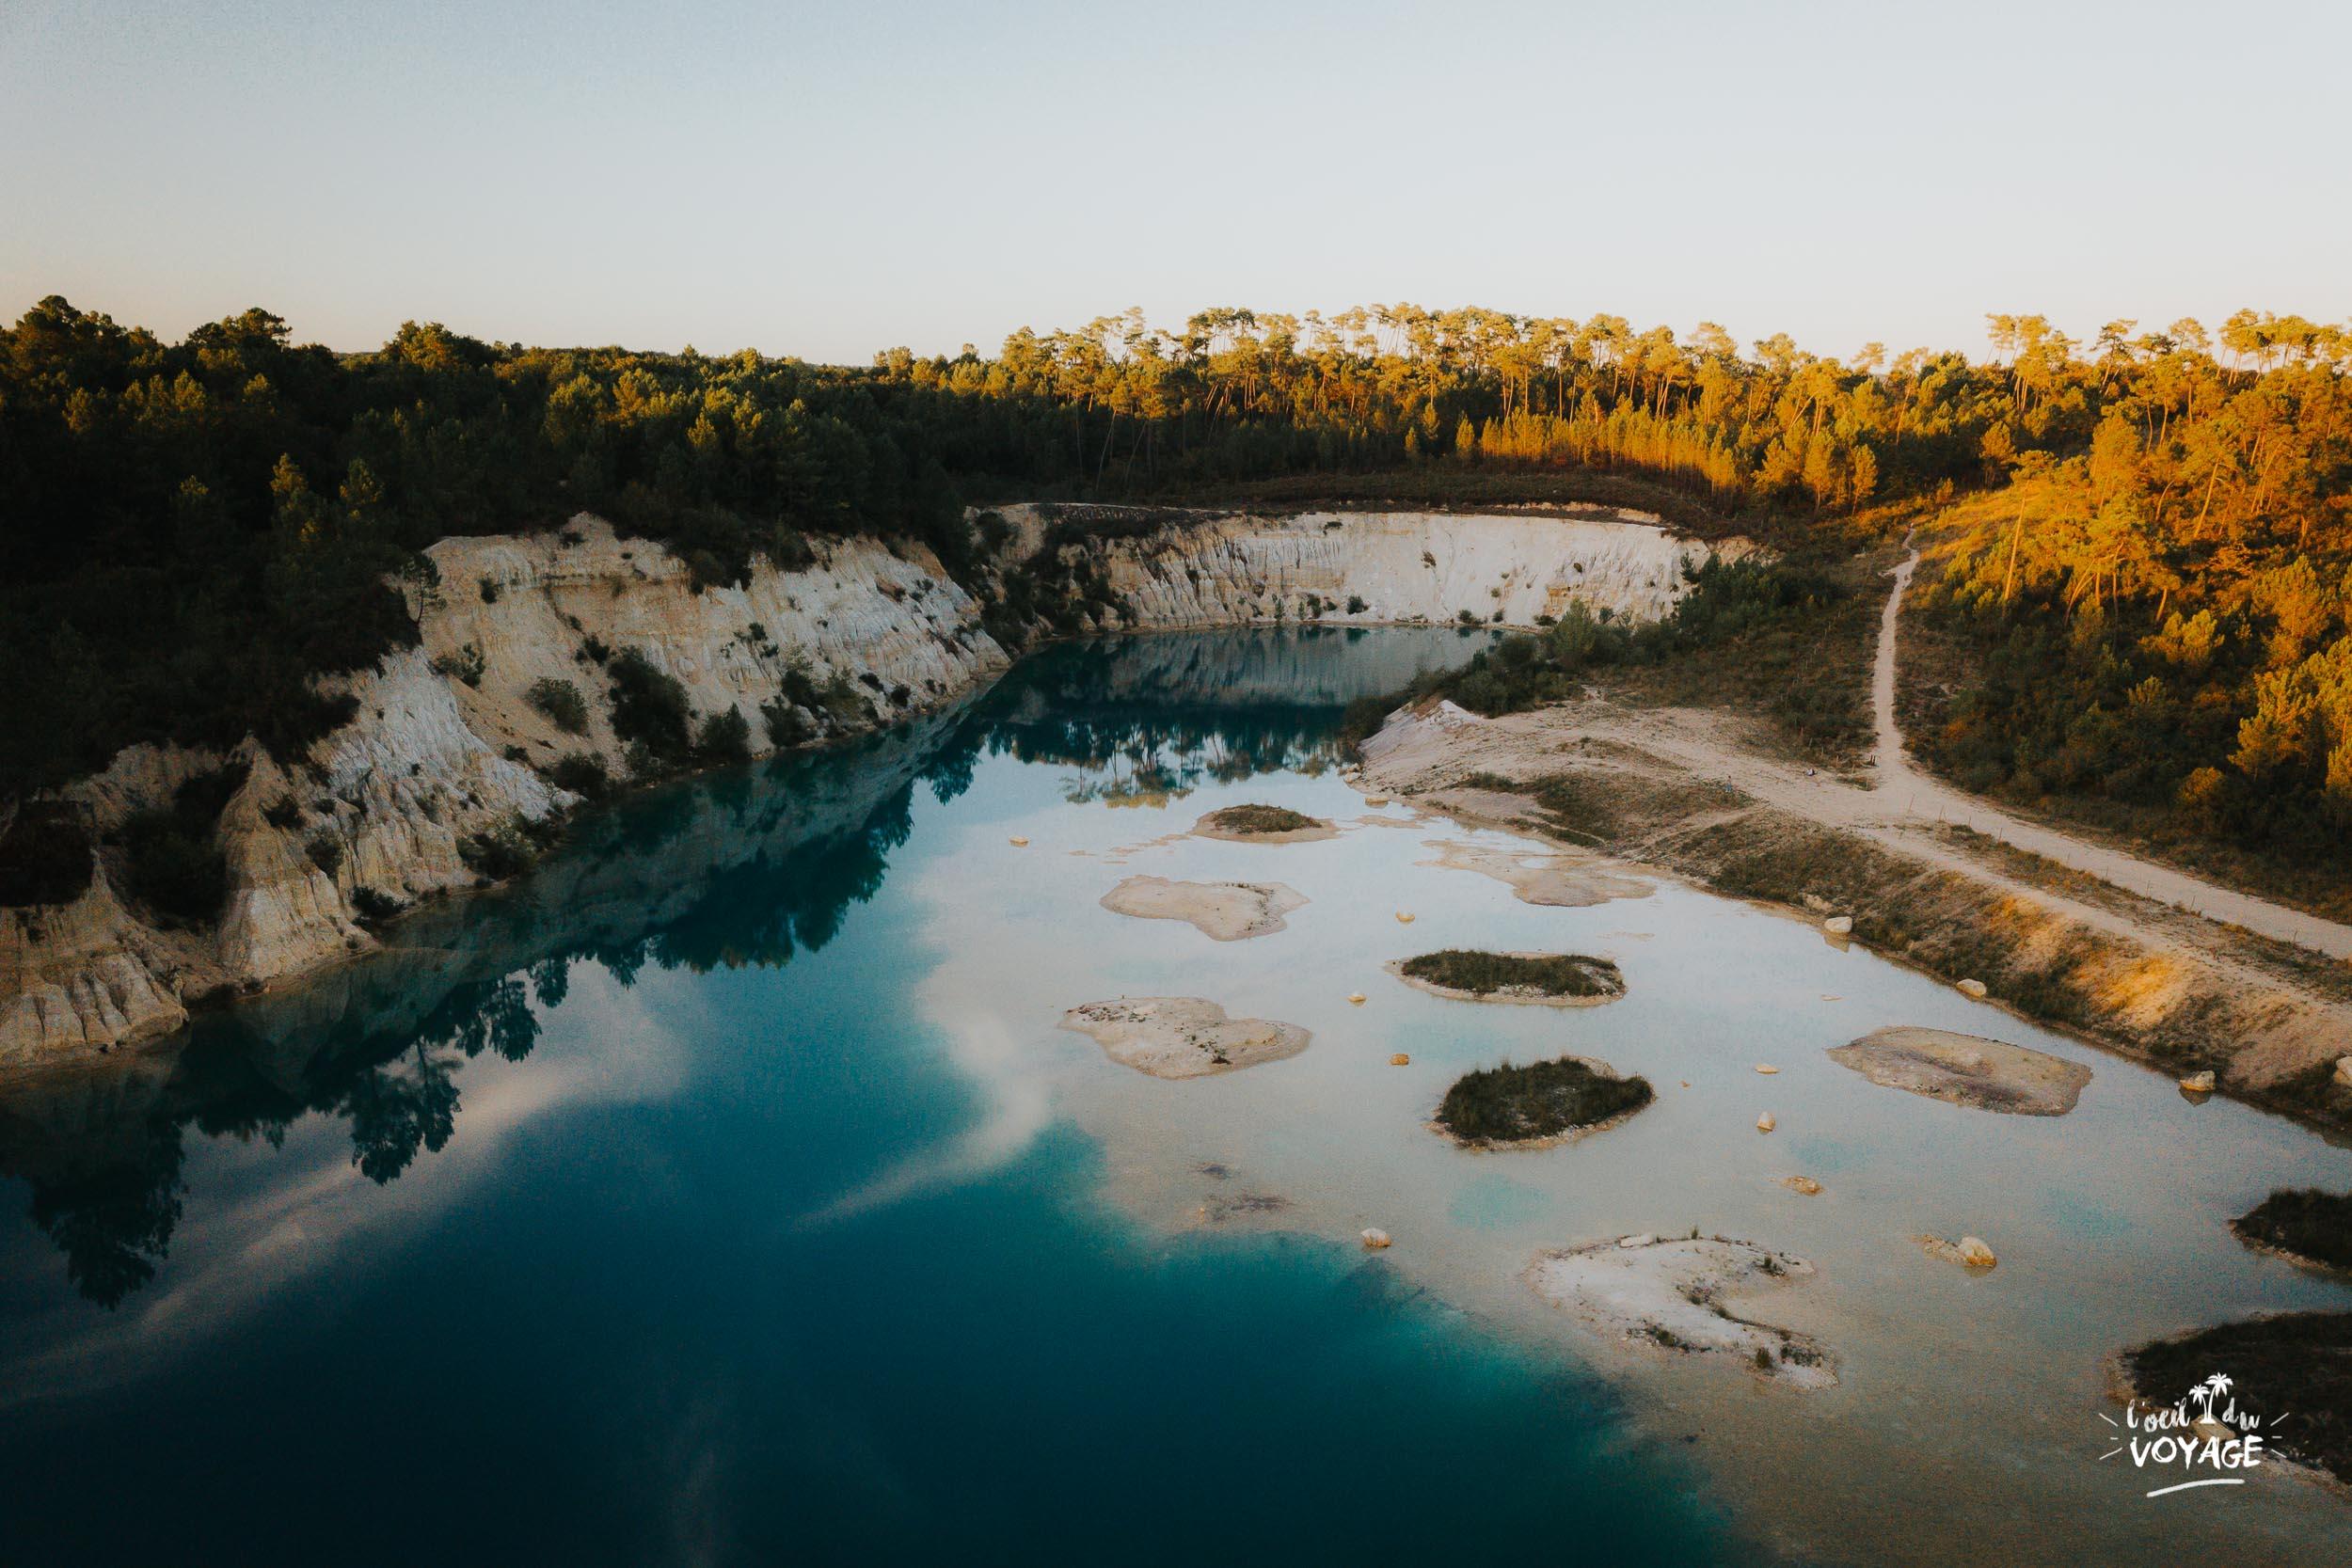 coup de coeur en sud charente : les lacs bleus de Guizengeard ! blog voyage France, L'oeil du voyage